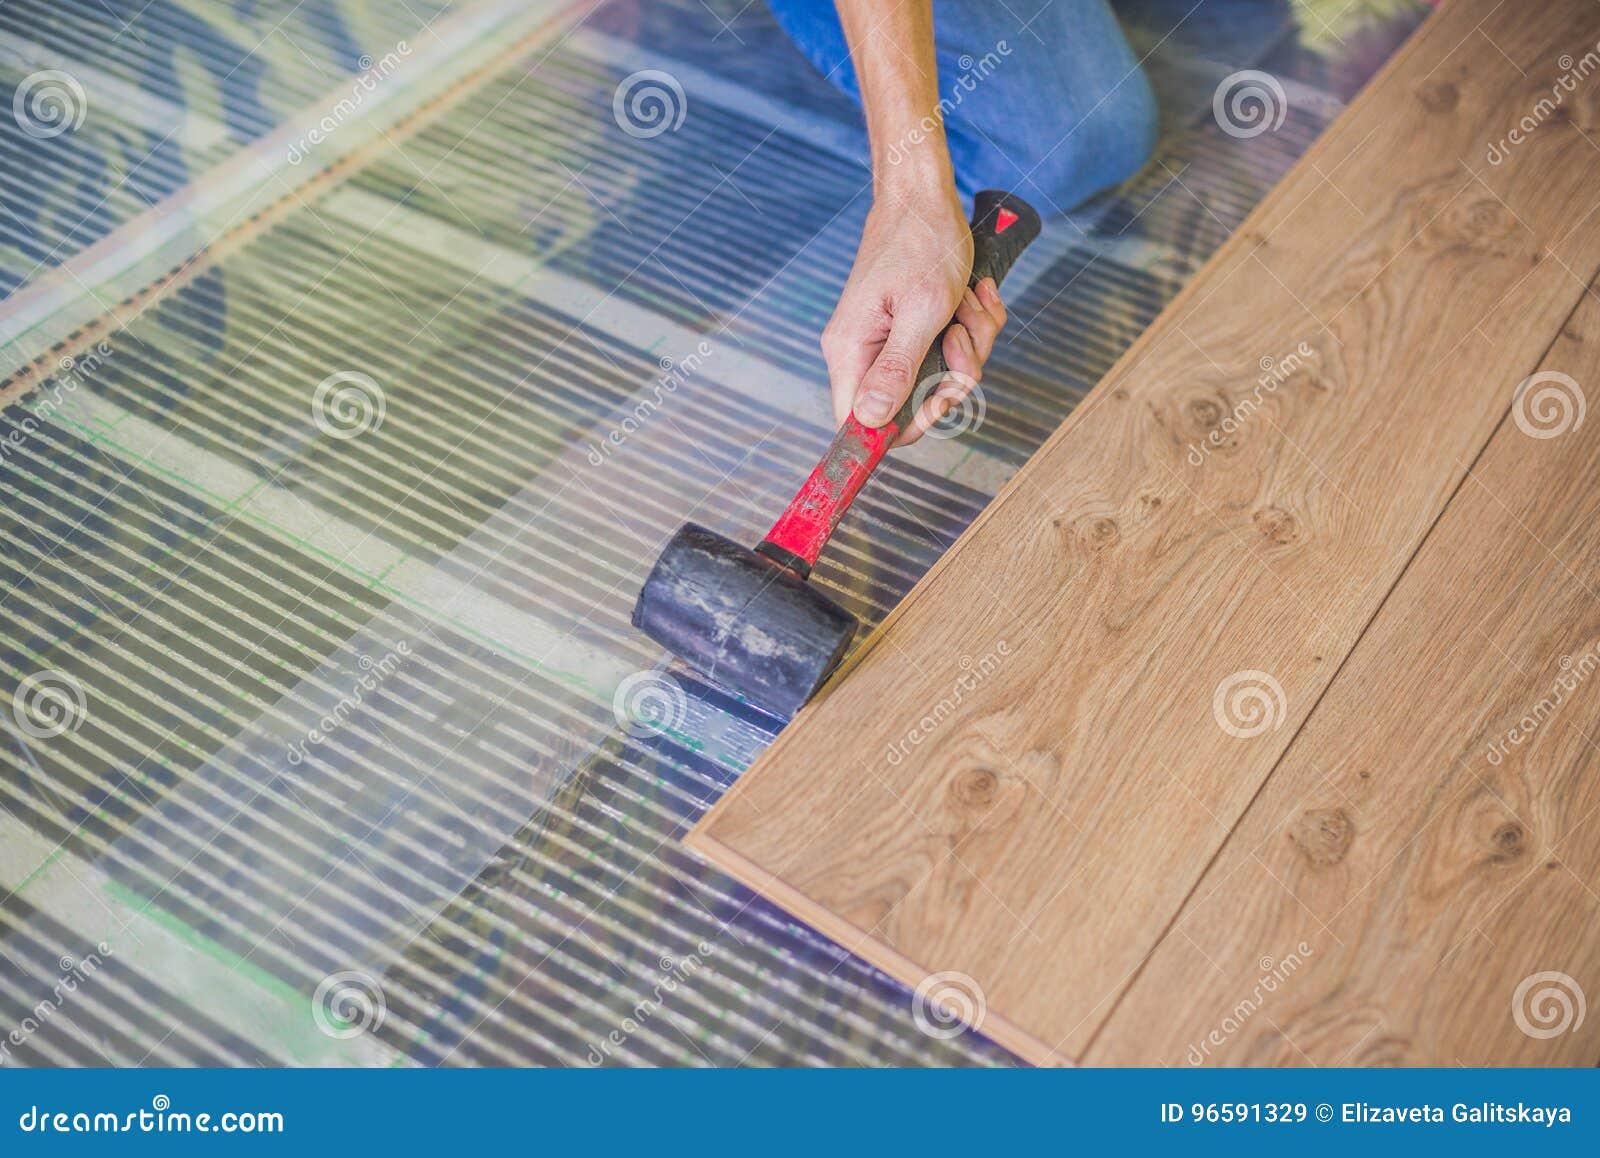 Riscaldamento A Pavimento E Laminato uomo che installa nuova pavimentazione laminata di legno